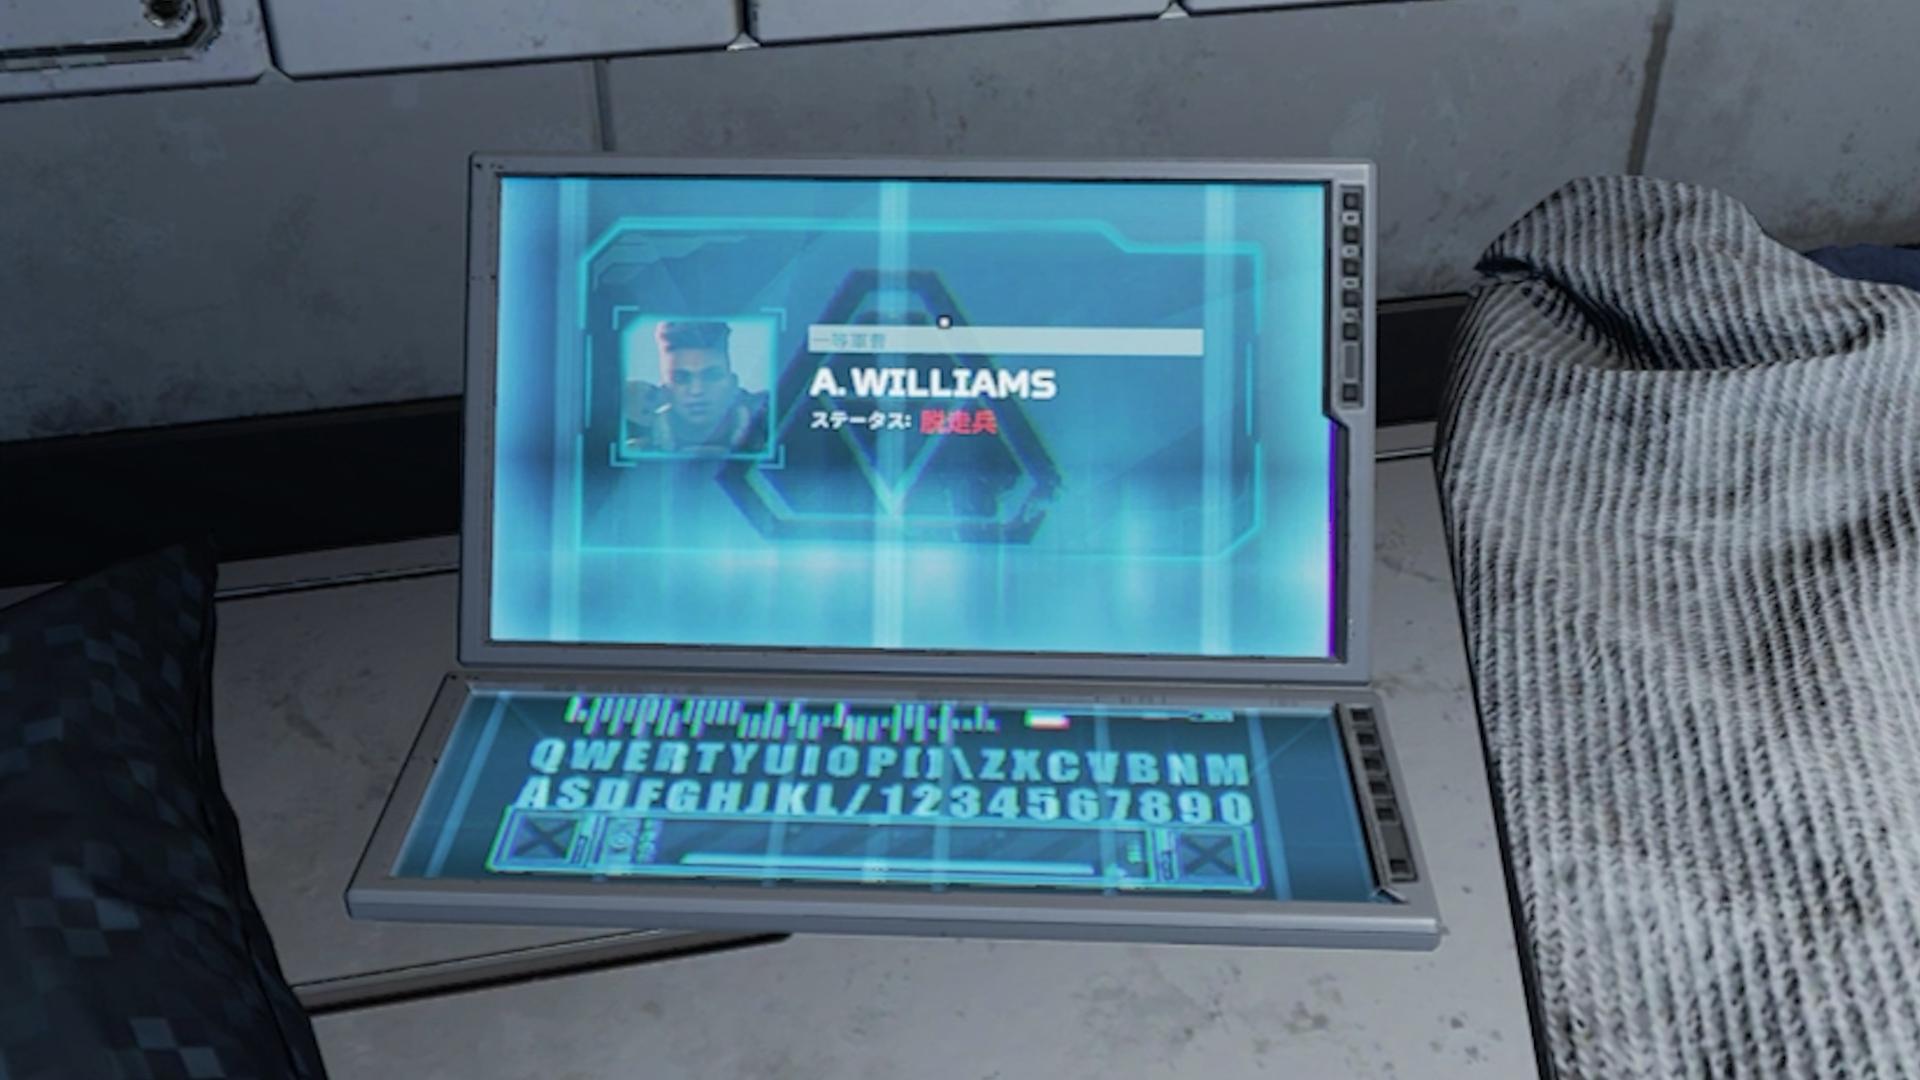 【APEX】「シーズン11」のヒント!?バンガロールで「パラシュートポッド」の中にあるパソコンを起動すると・・・【オリンパス】